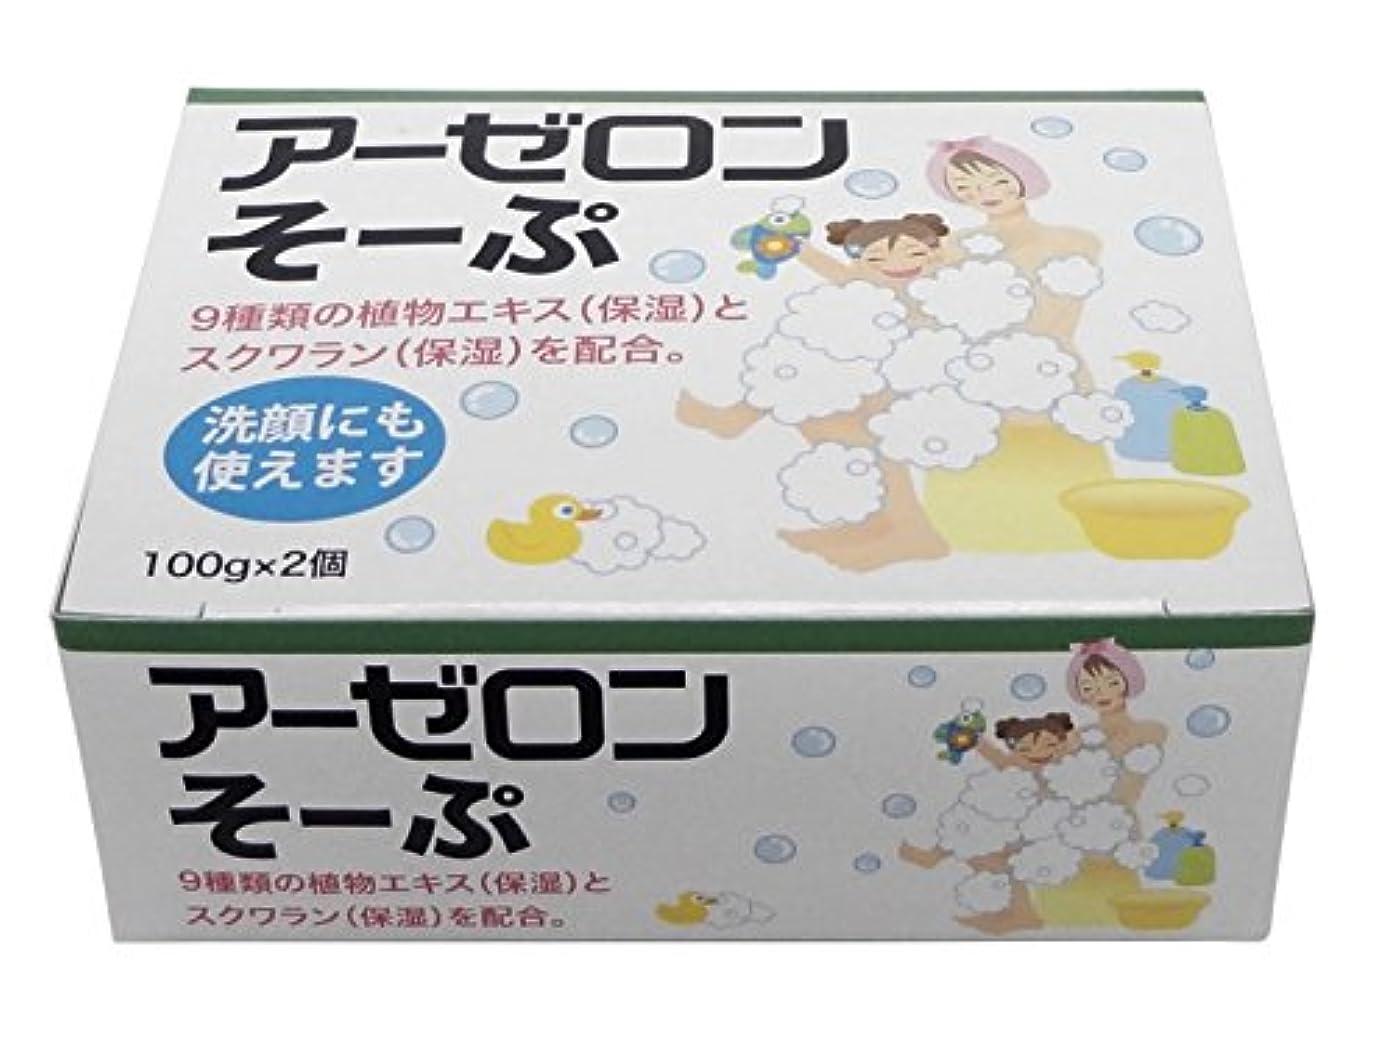 うがい薬その気分が良いアーゼロンそーぷ (100g×2個入り)